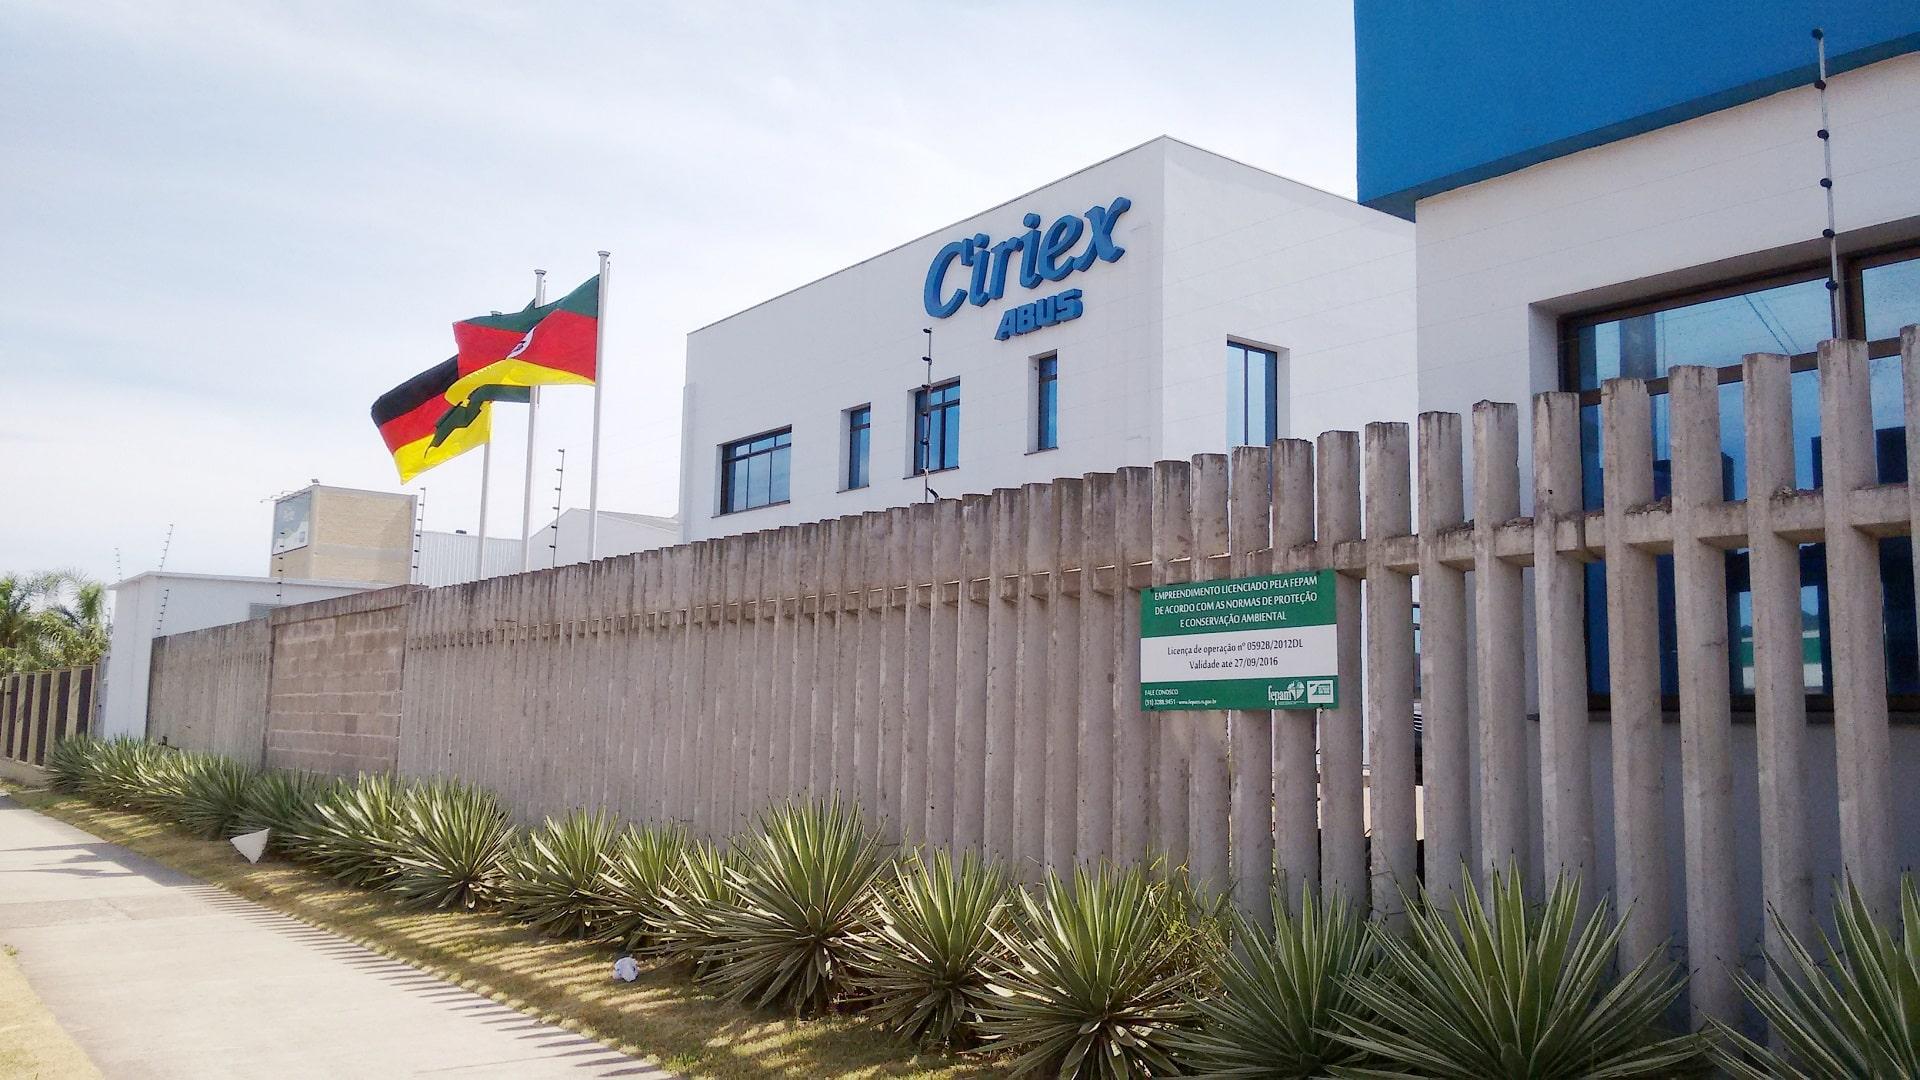 Contato da empresa Ciriex ABUS